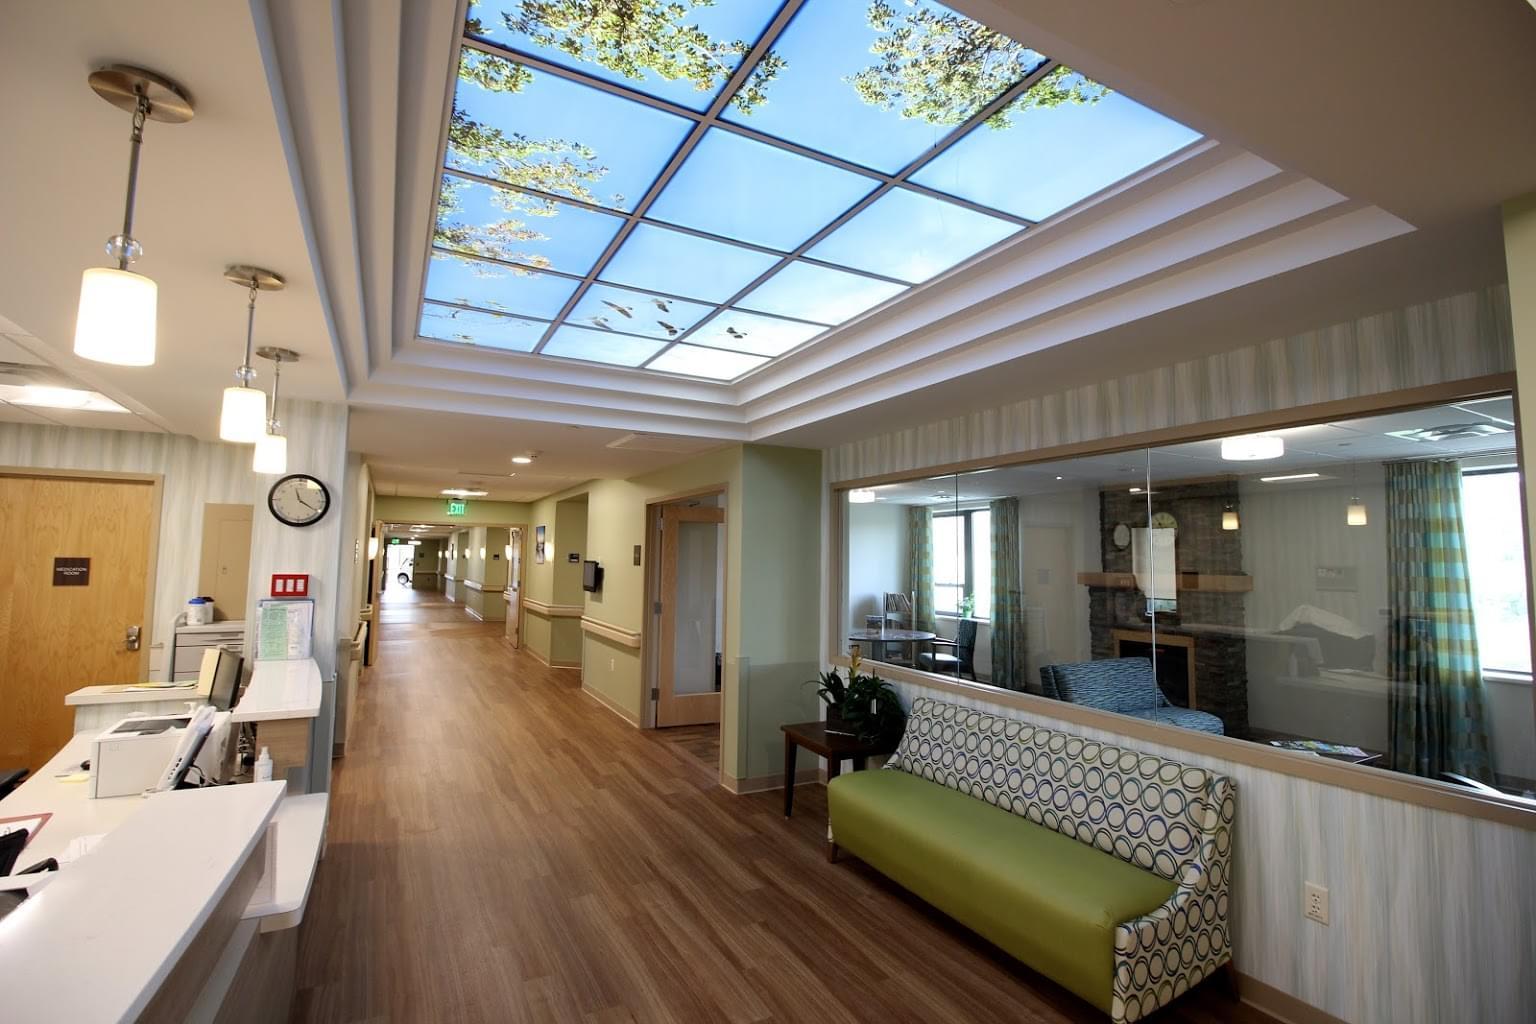 Homestead Rehabilitation and Health Care Center – Newton, NJ – See-Inside Rehabilitation Center